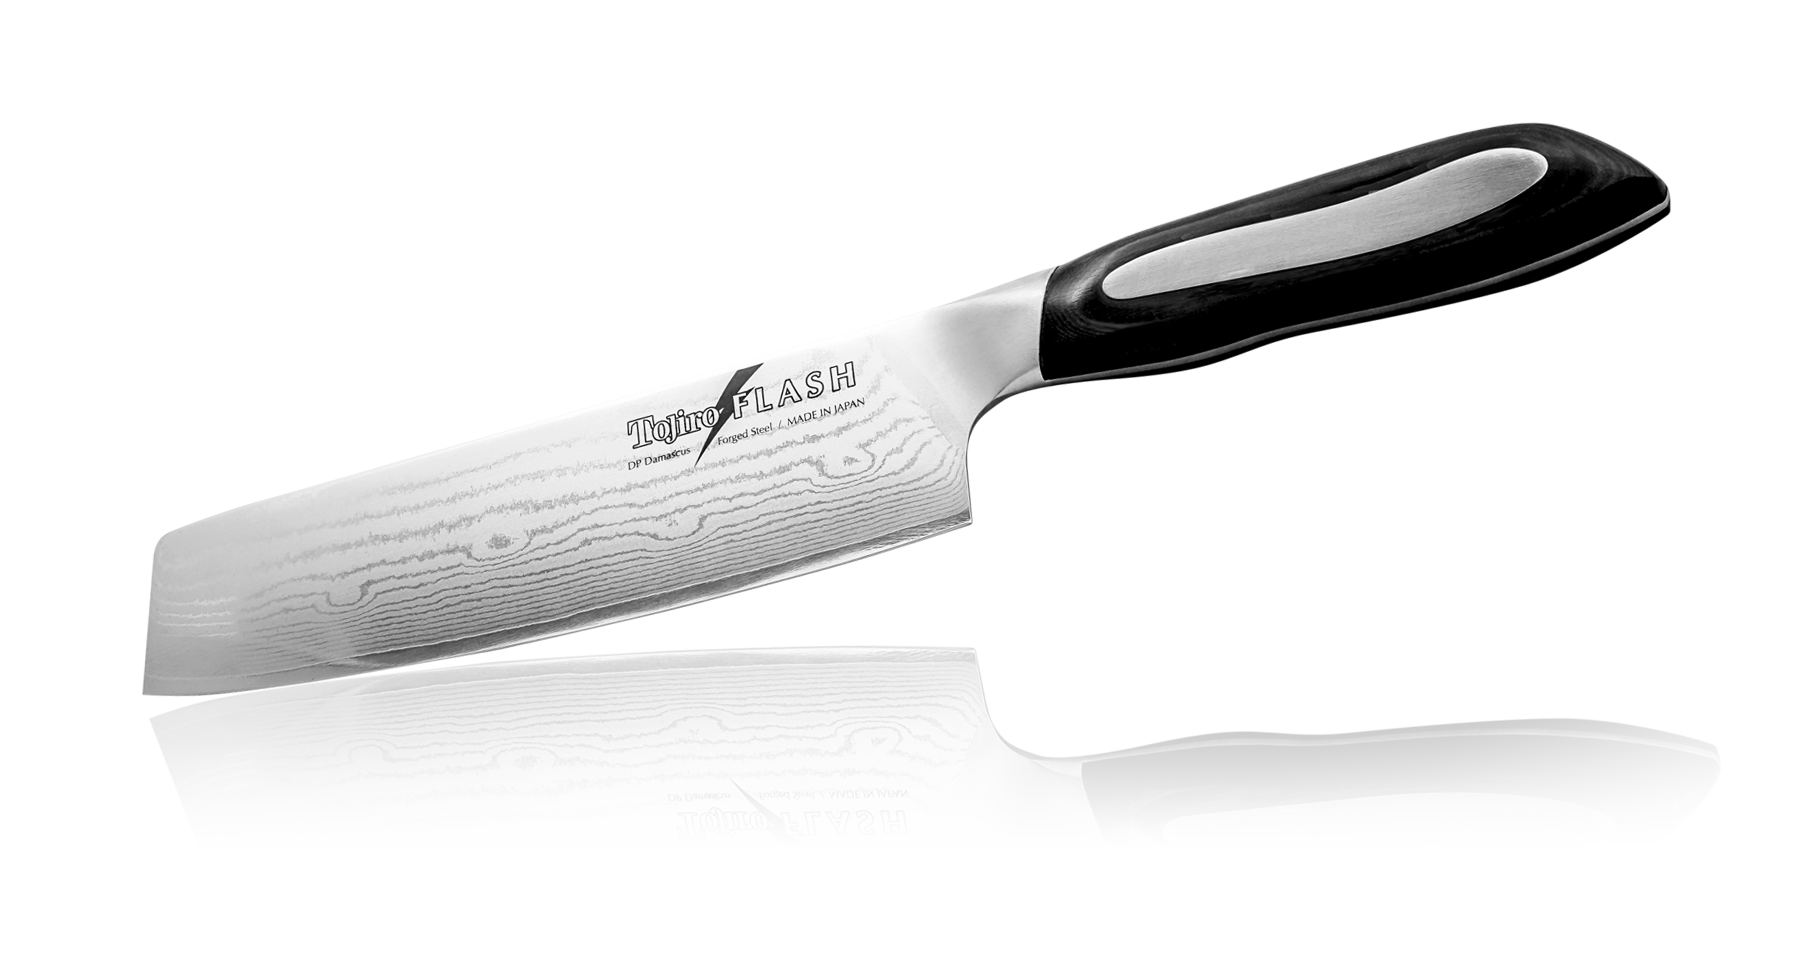 Нож Овощной Tojiro Flash 180 мм, сталь VG-10Tojiro<br>Нож Овощной Tojiro Flash 180 мм, сталь VG-10<br>